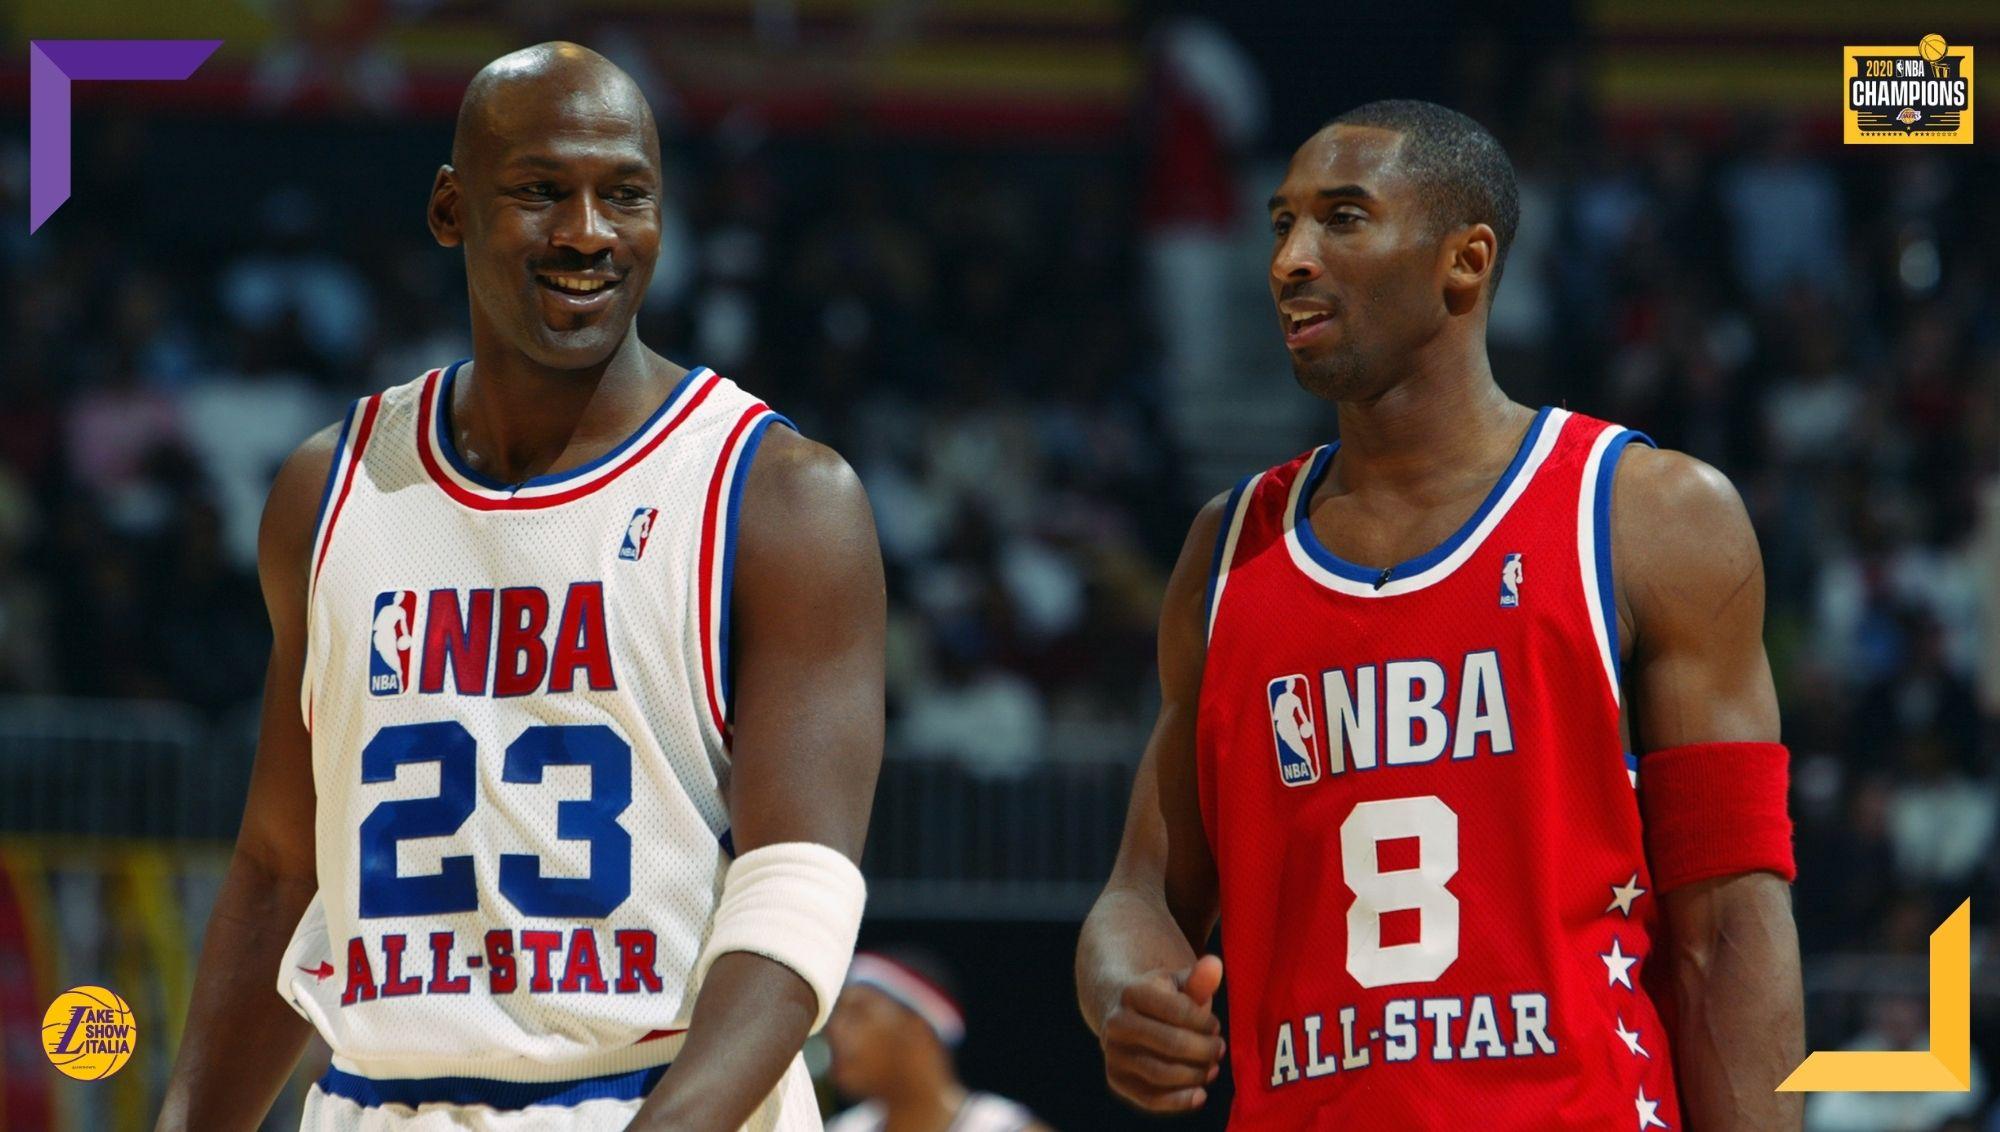 Kobe Bryant sarà presentato da Michael Jordan nella cerimonia d'induzione della Classe 2020 della Hall of Fame del prossimo 15 Maggio.